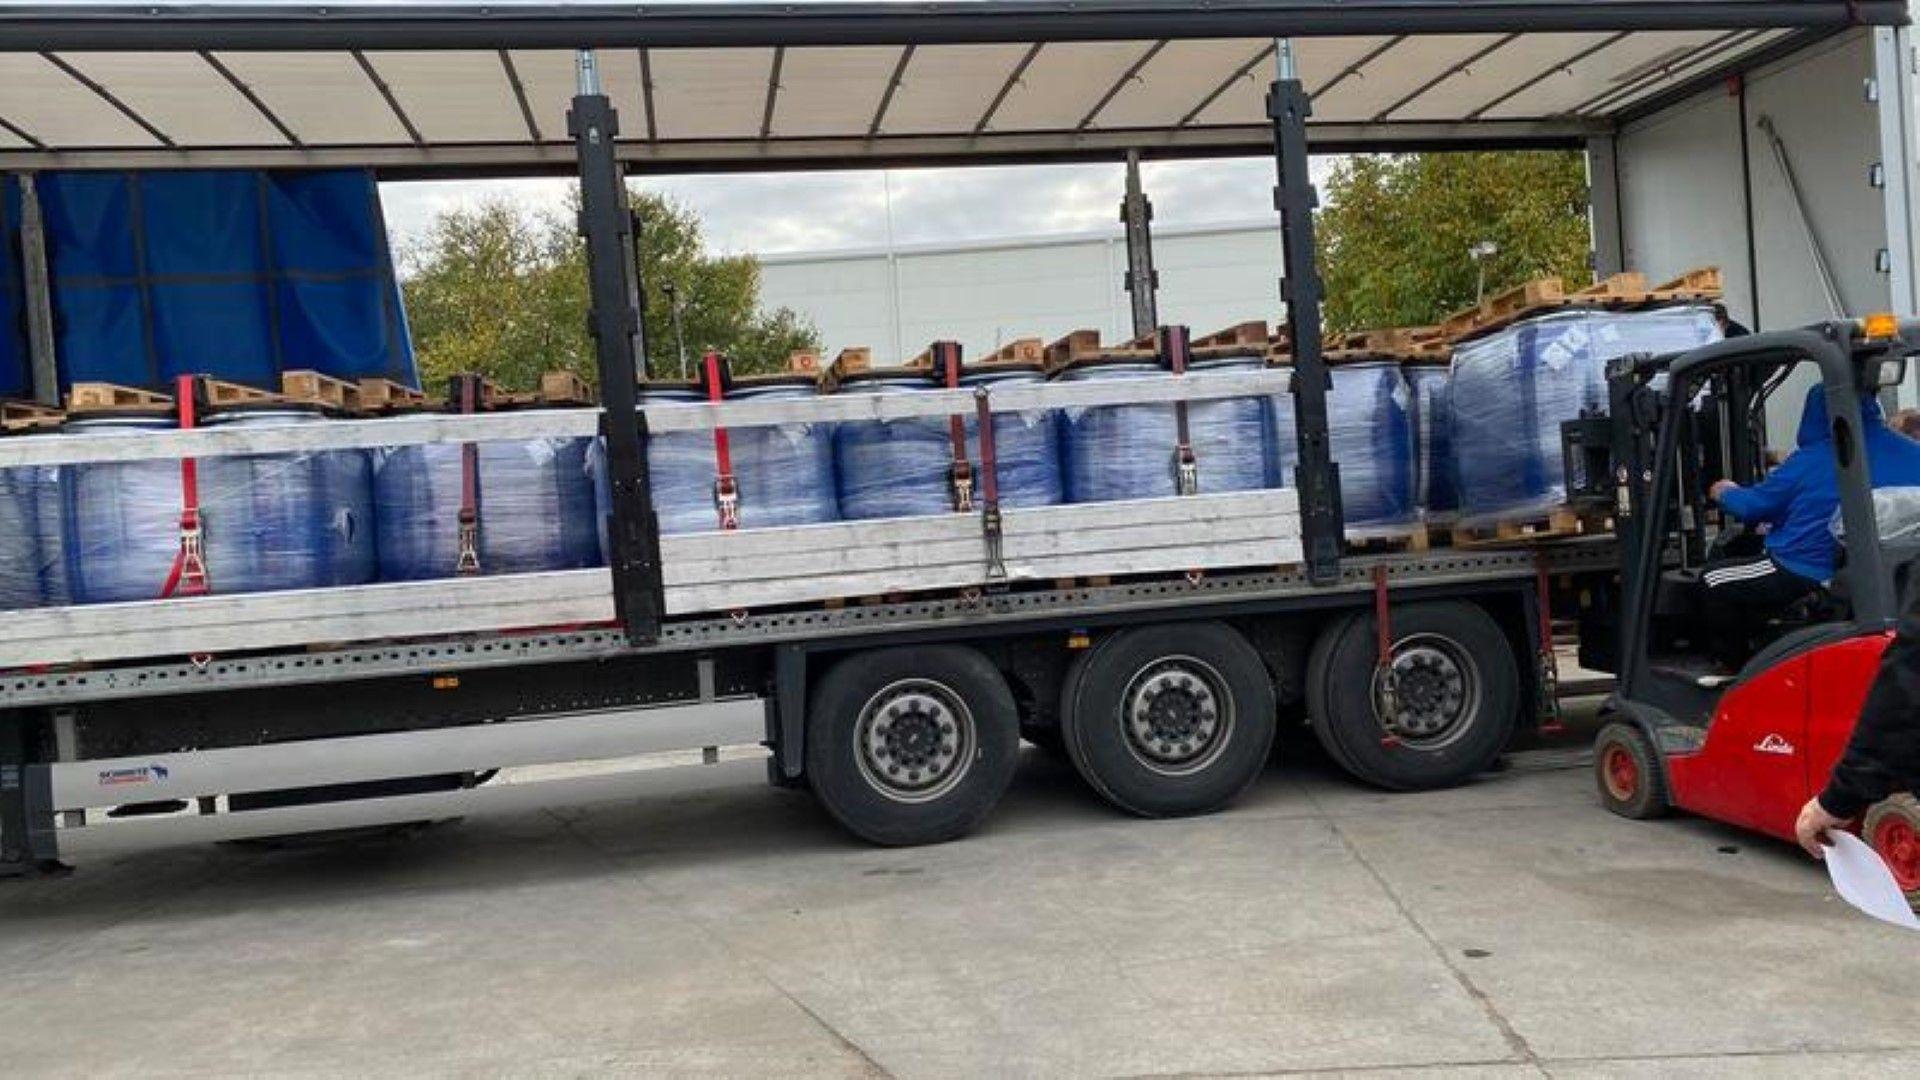 Над 540 тона стари пестициди вече са изнесени за обезвреждане във Франция